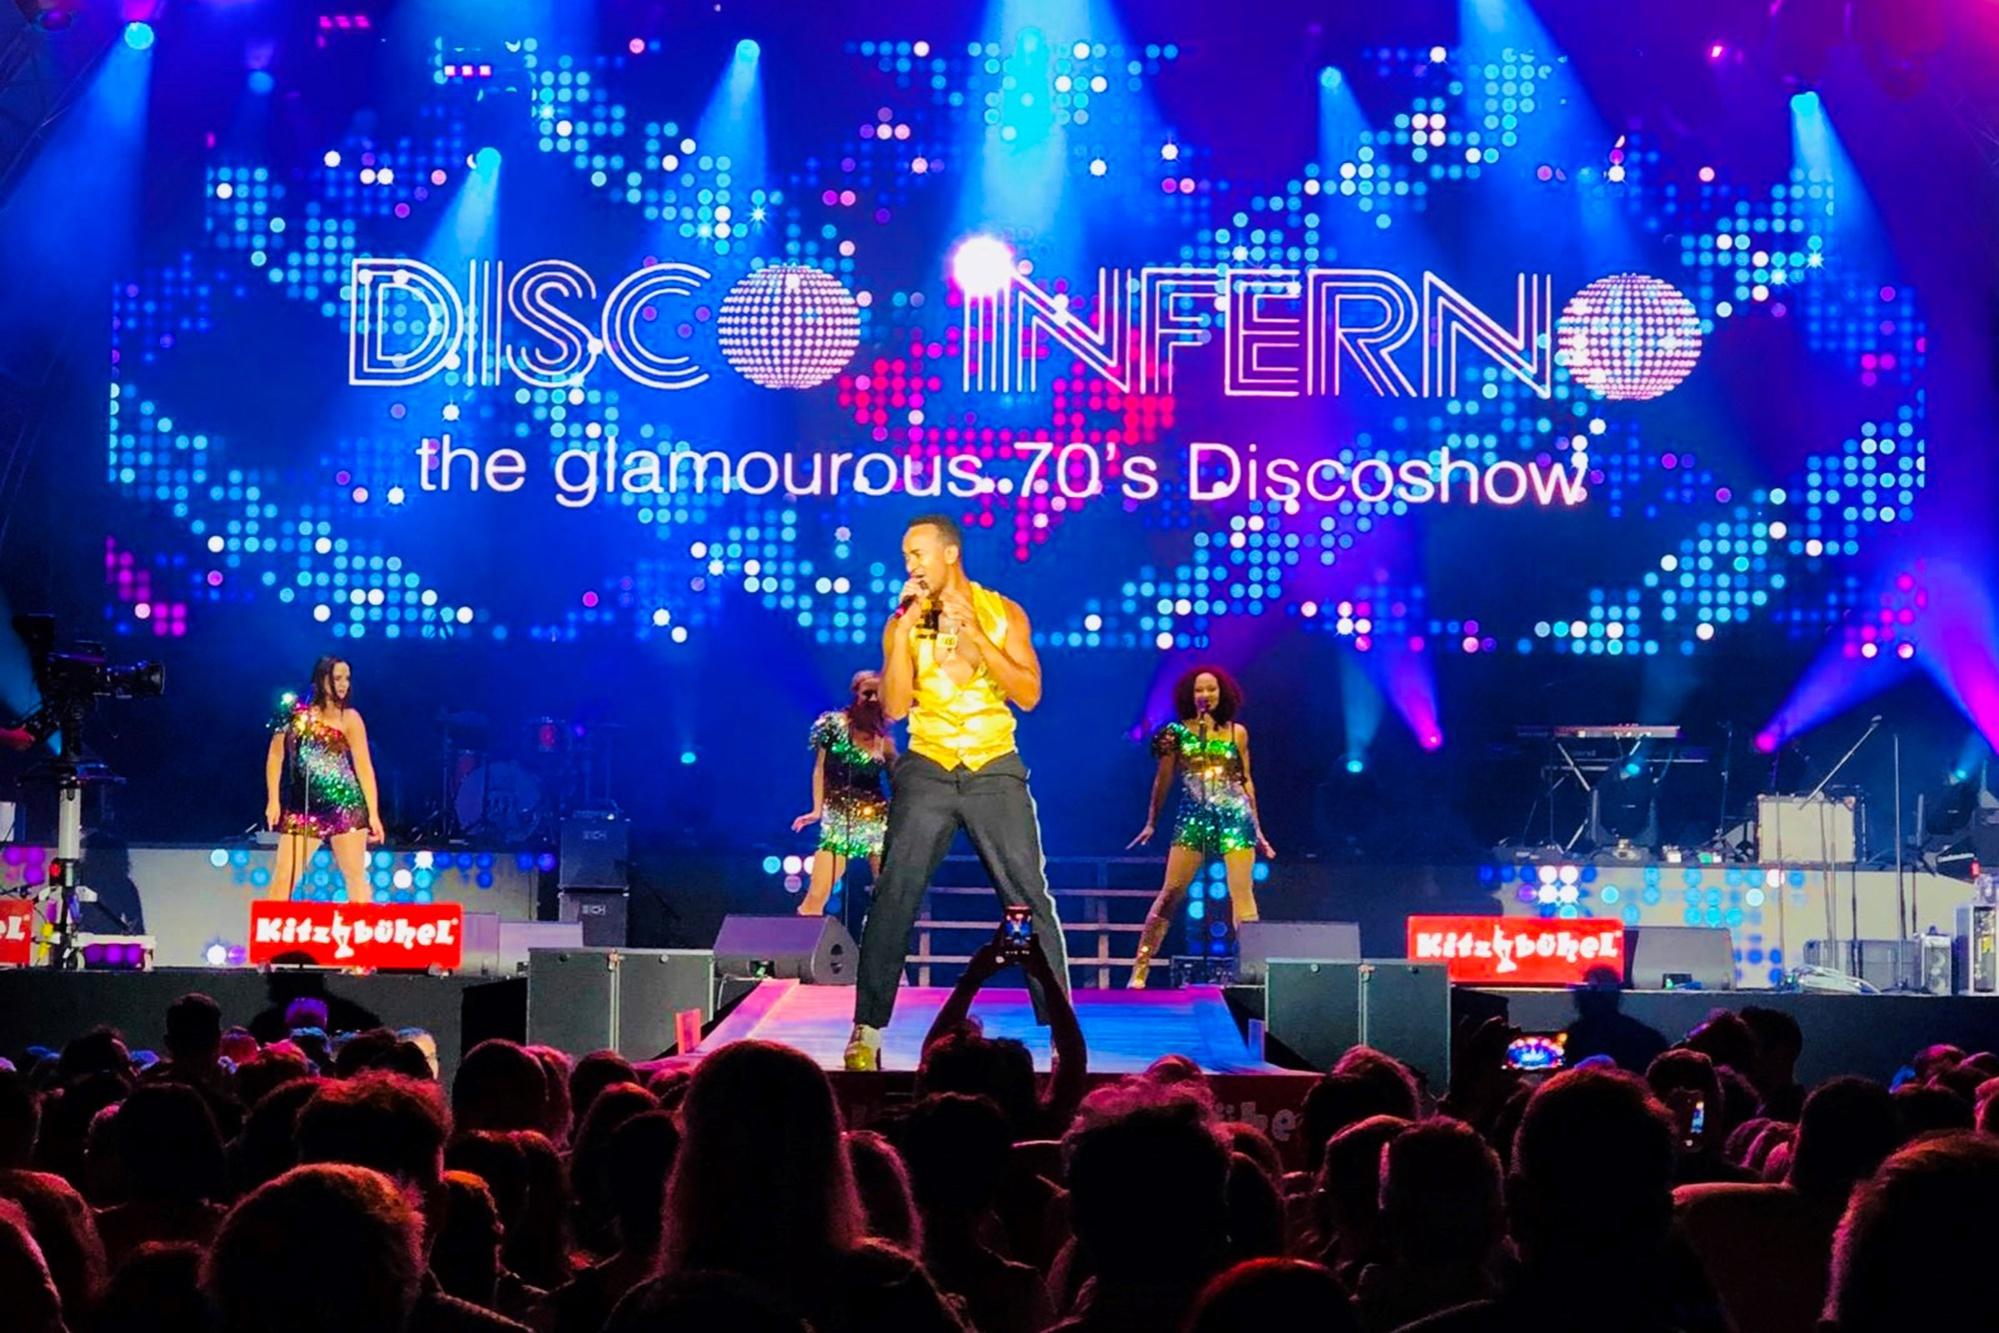 Disco Inferno mit ihrer Discoshow in Kitzbühl